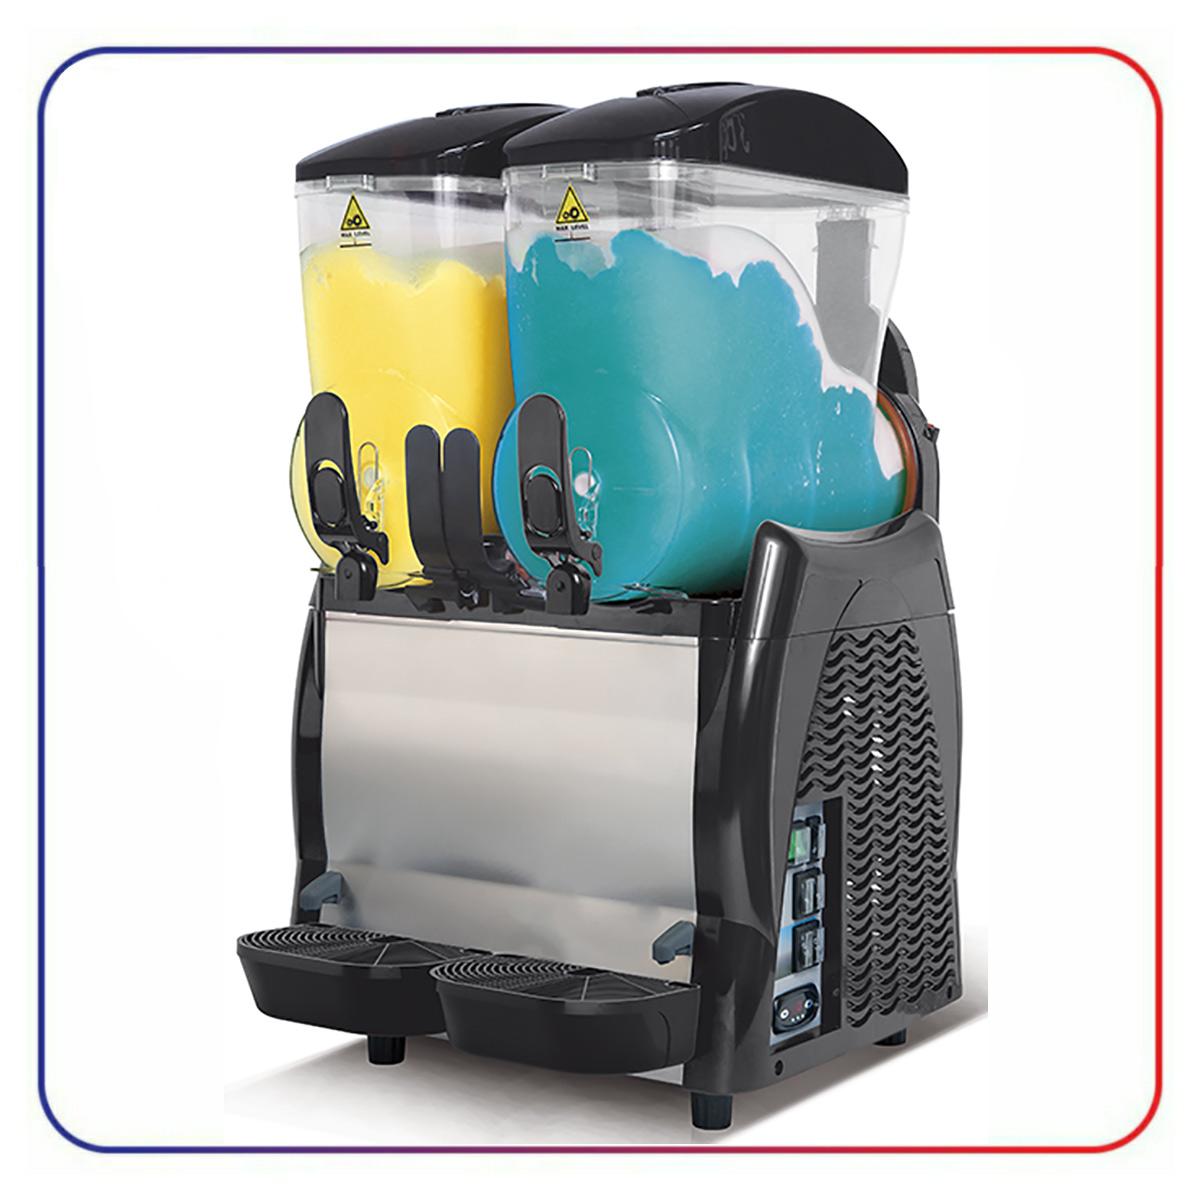 دستگاه یخ در بهشت جی بی جی GBG SPIN